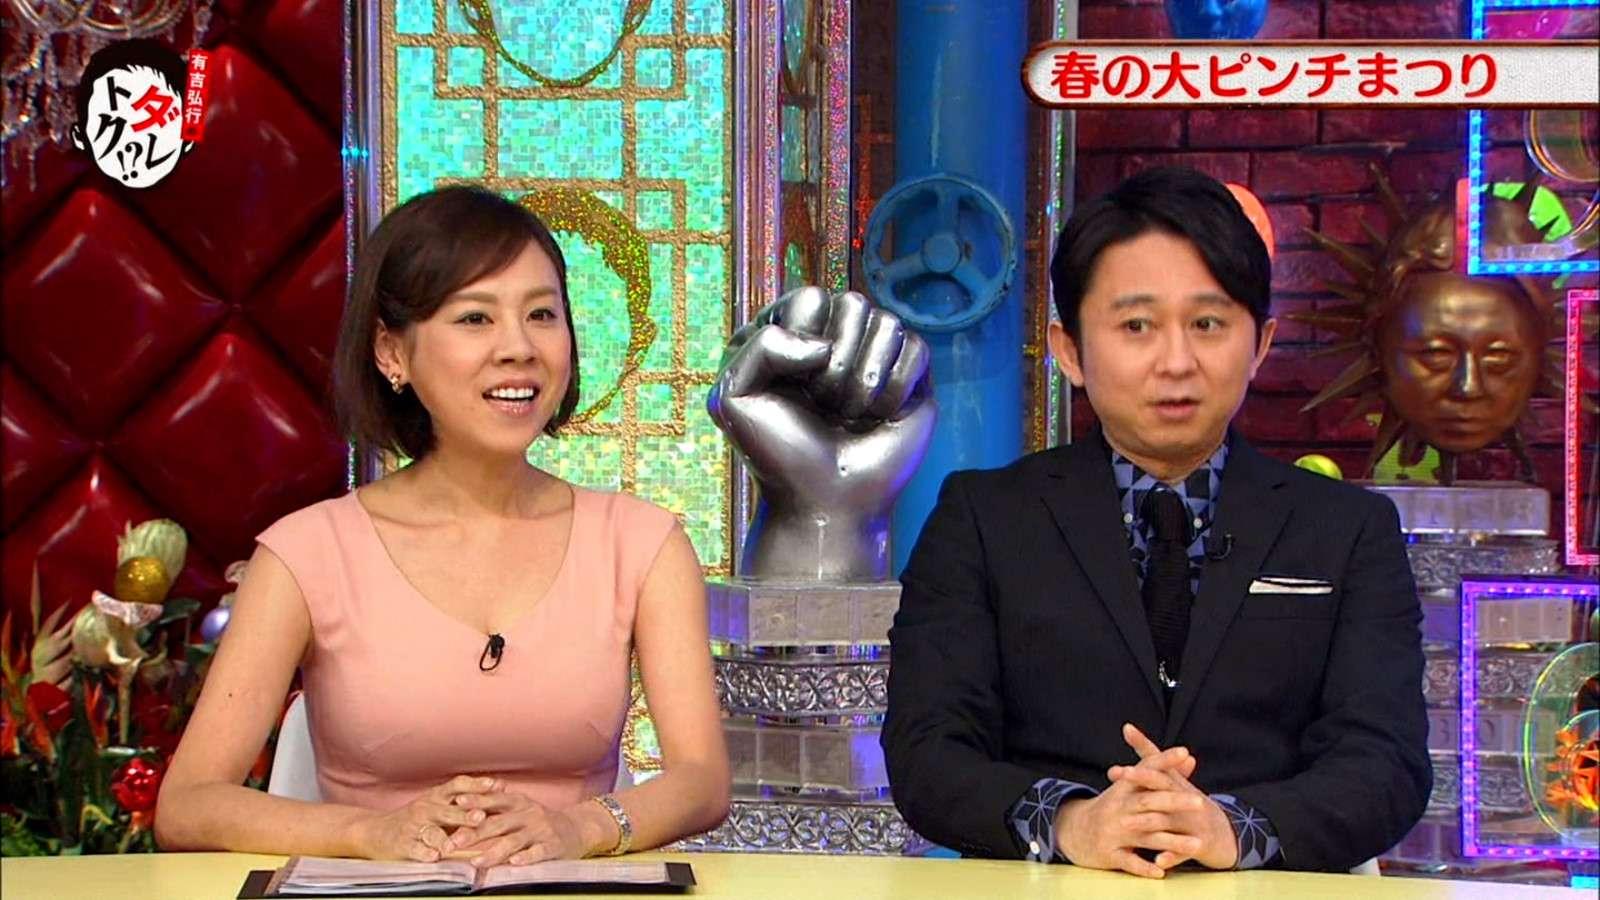 高橋真麻エロ画像が放送事故